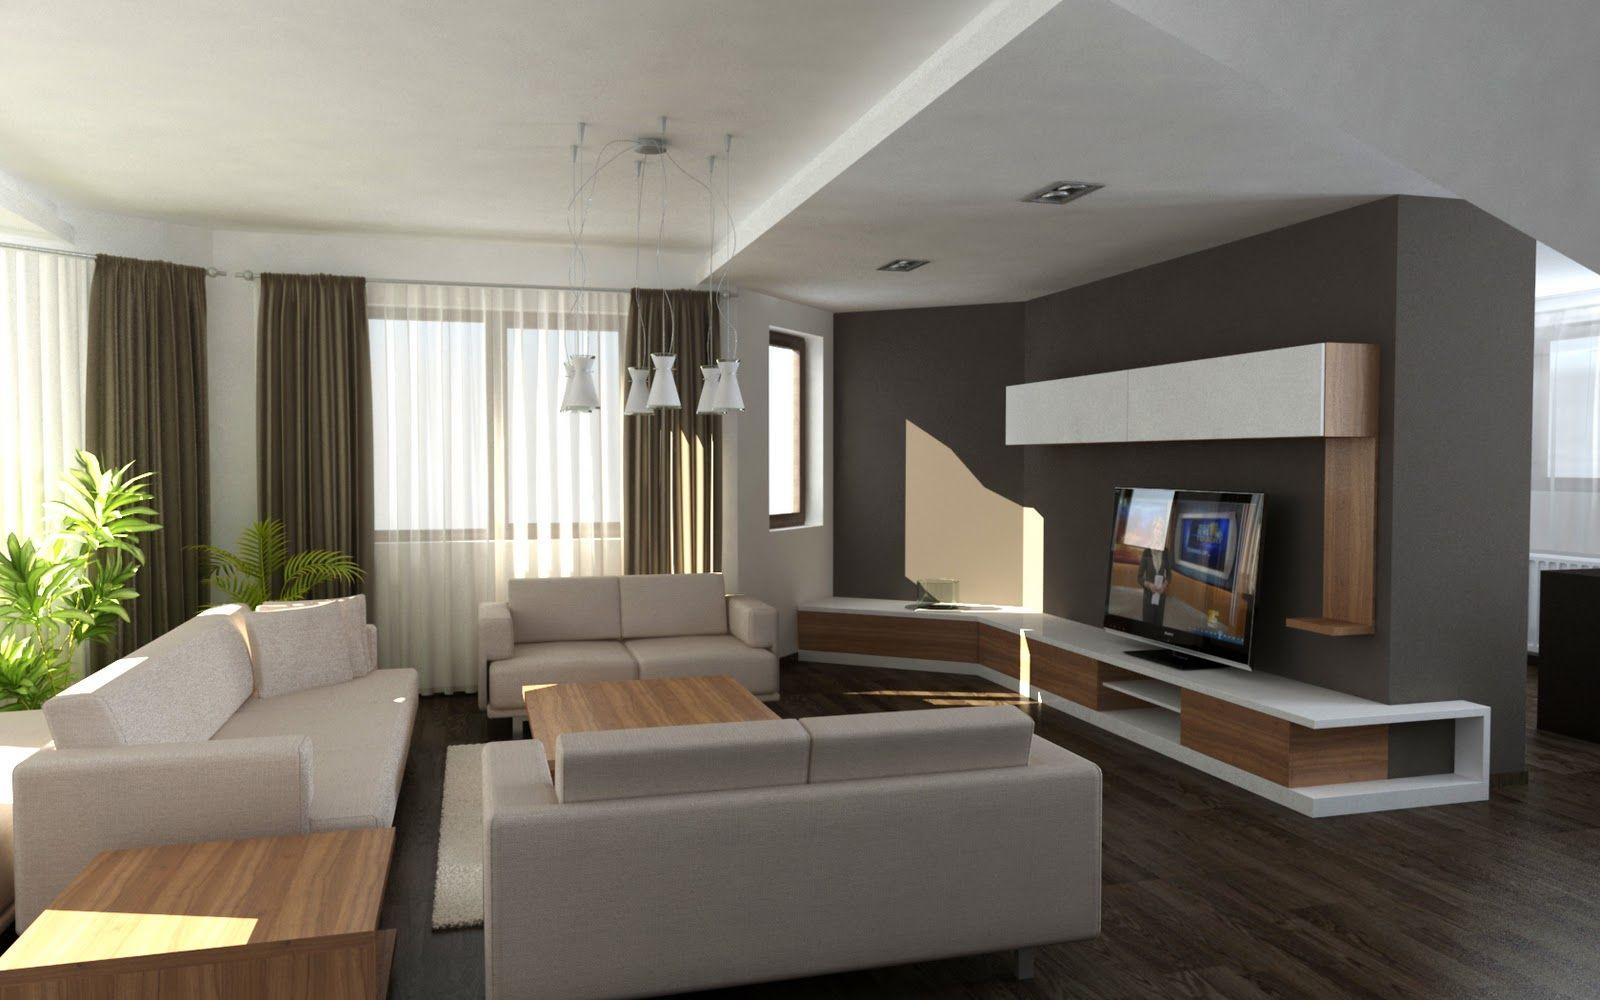 Interior de casas modernas com tecnologia buscar con - Casas de ensueno interiores ...